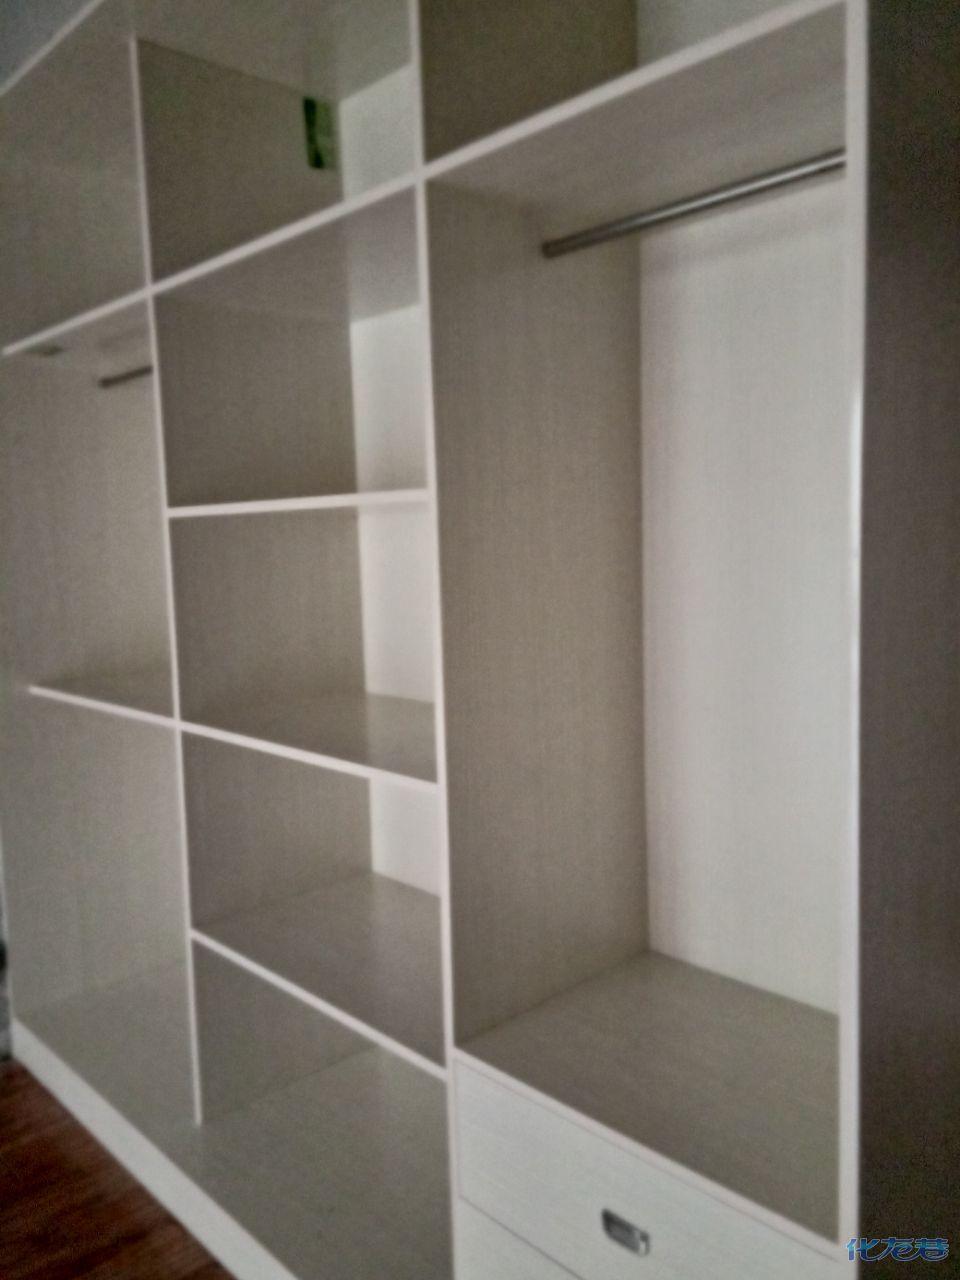 专业木工装修吊顶隔墙打柜子,有需要可以联系张师傅